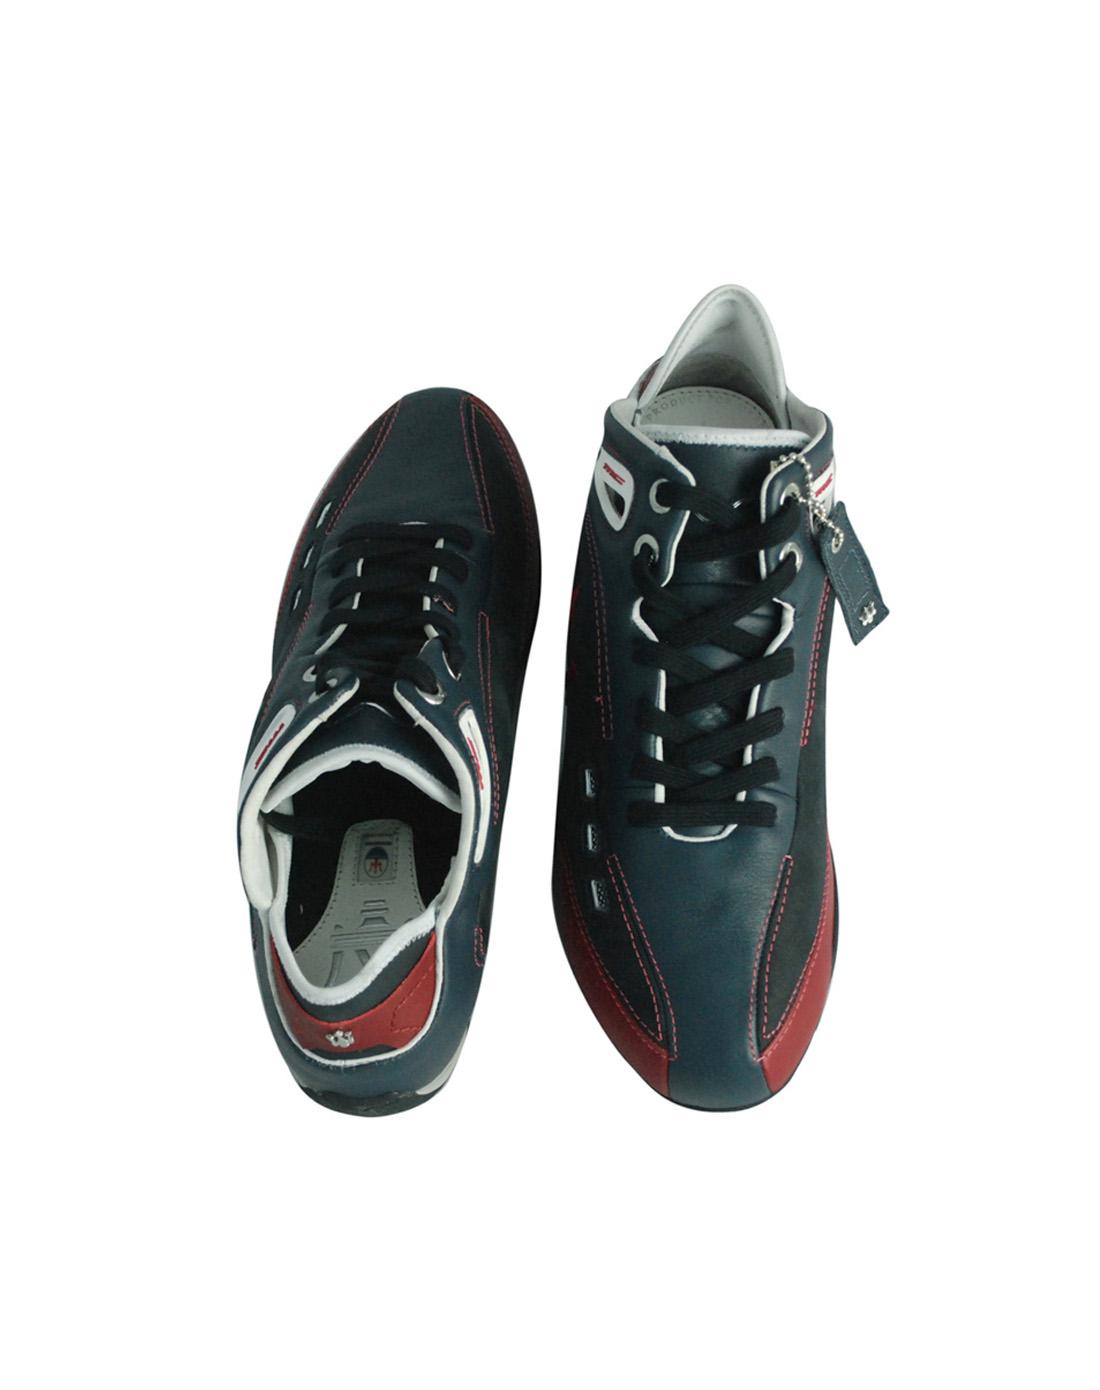 标志像玛莎拉蒂的是什么品牌的鞋子